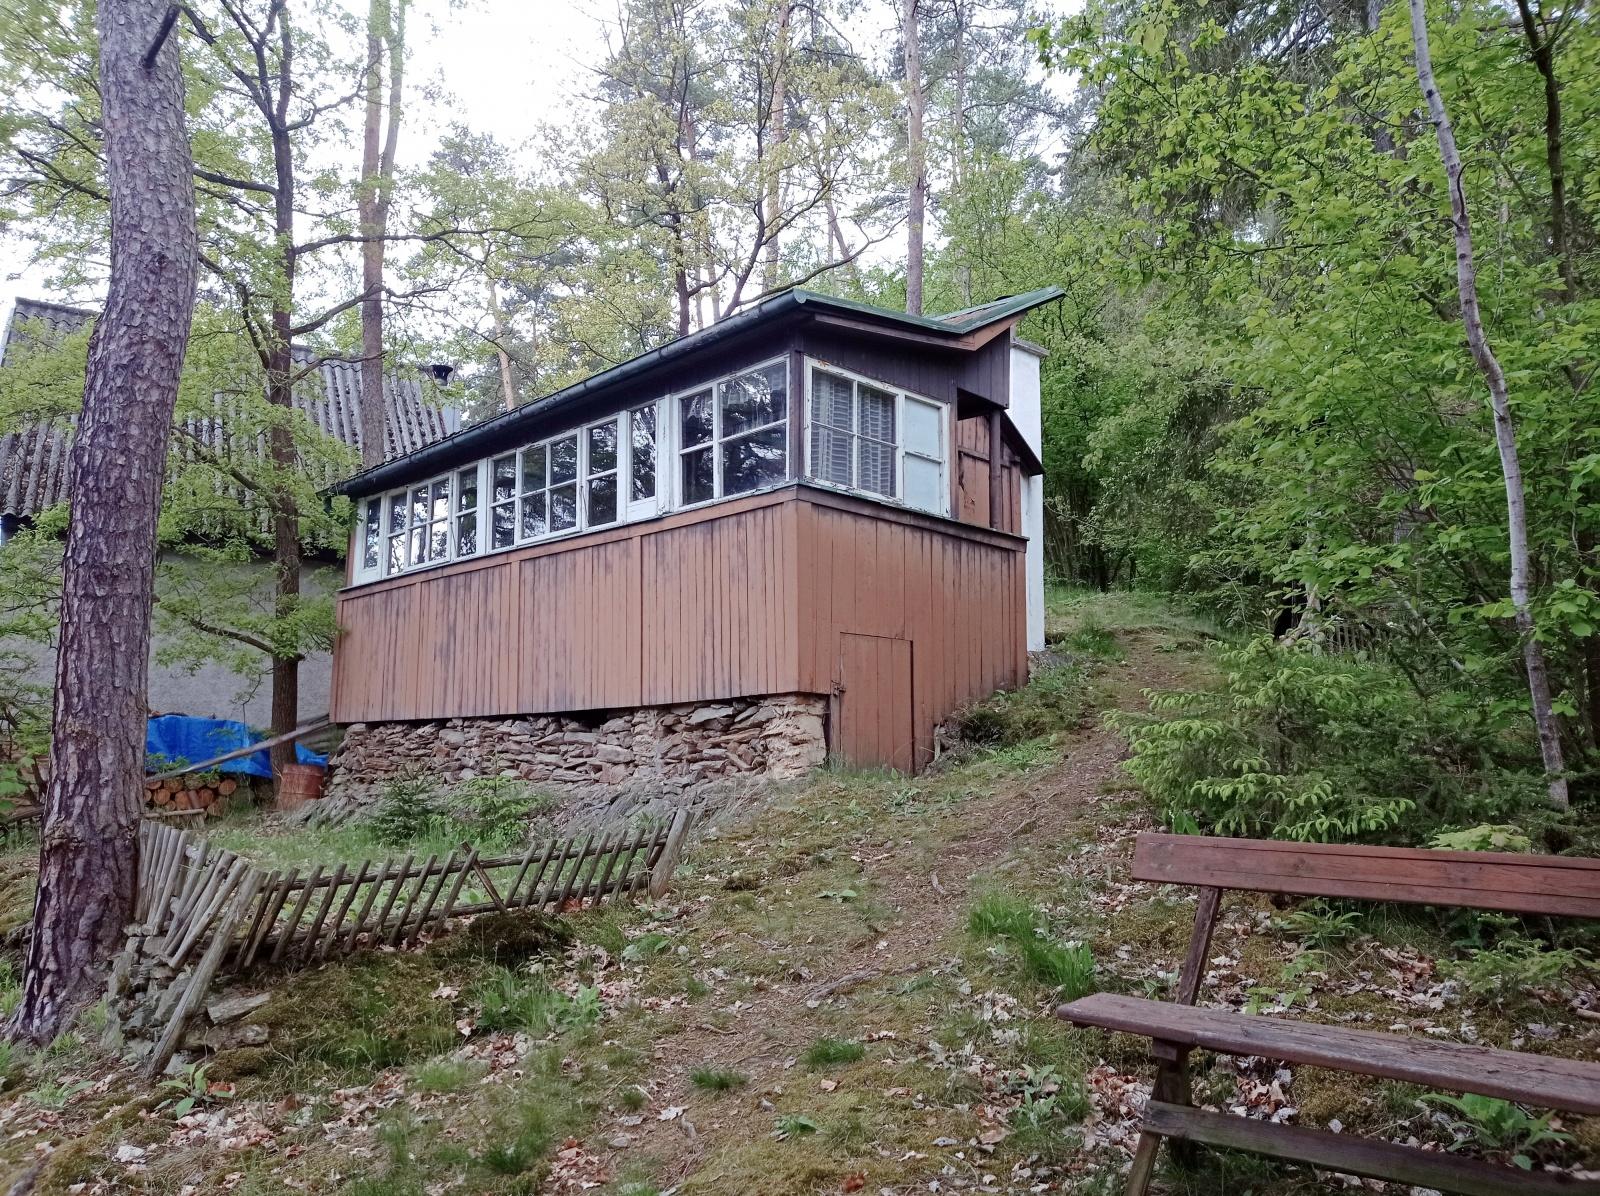 Prodej, rekreační chata, Erpužice - Malovice, okres Tachov